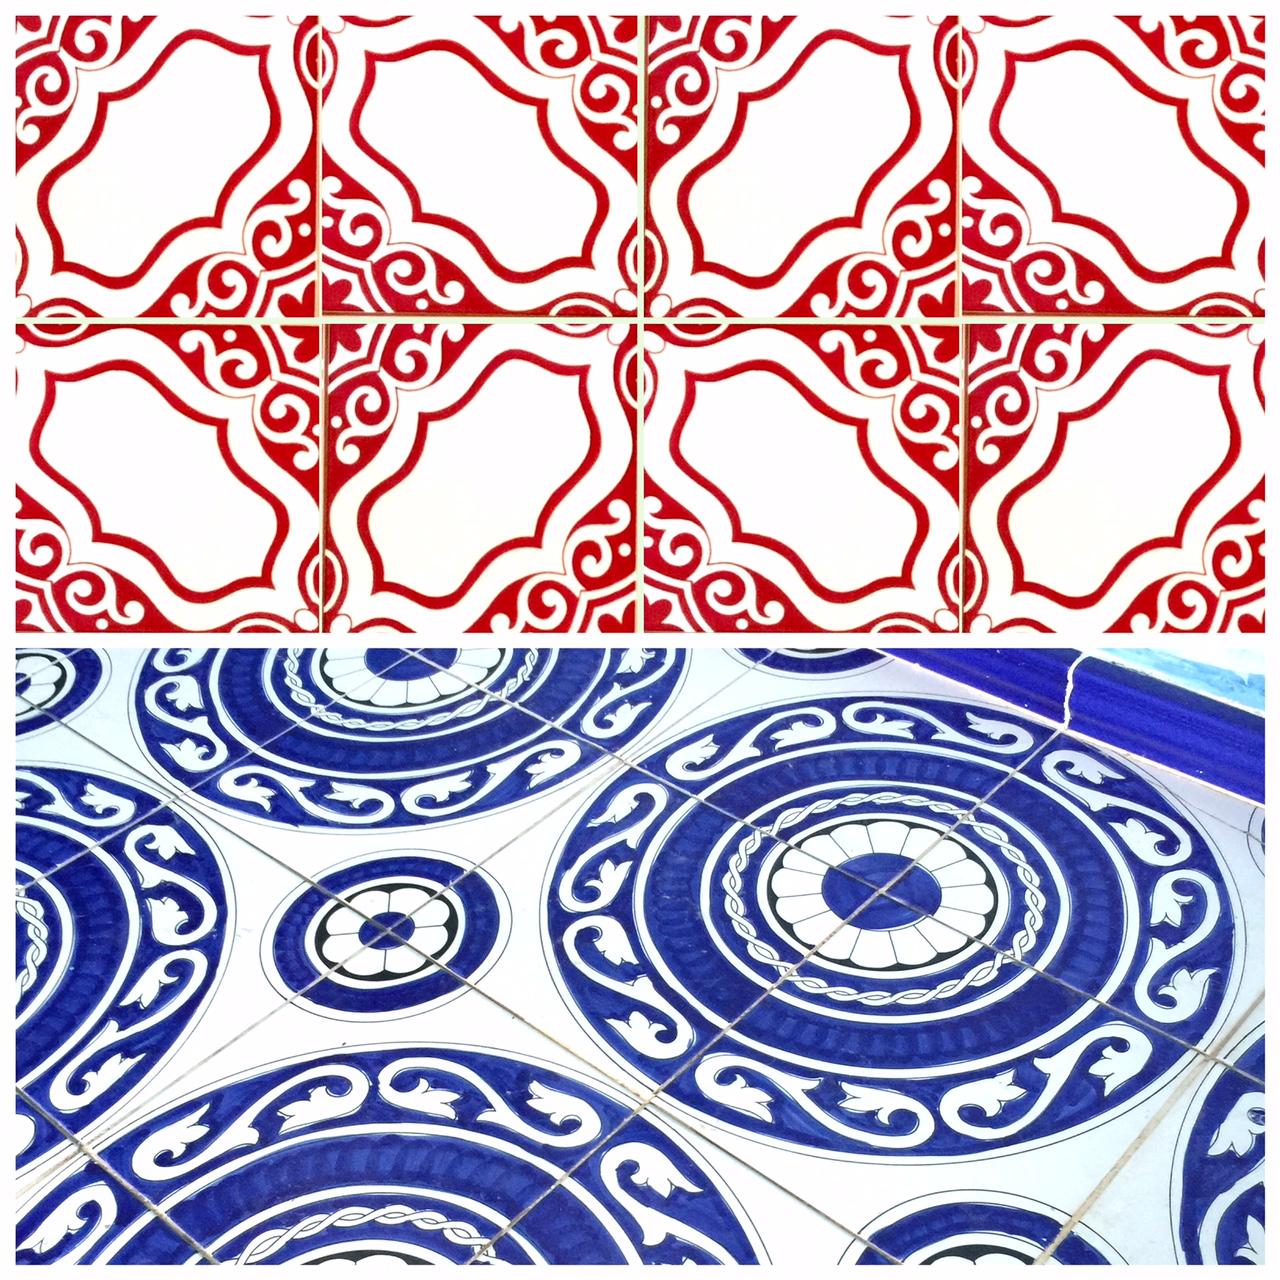 mediterranean tiles from Vietri